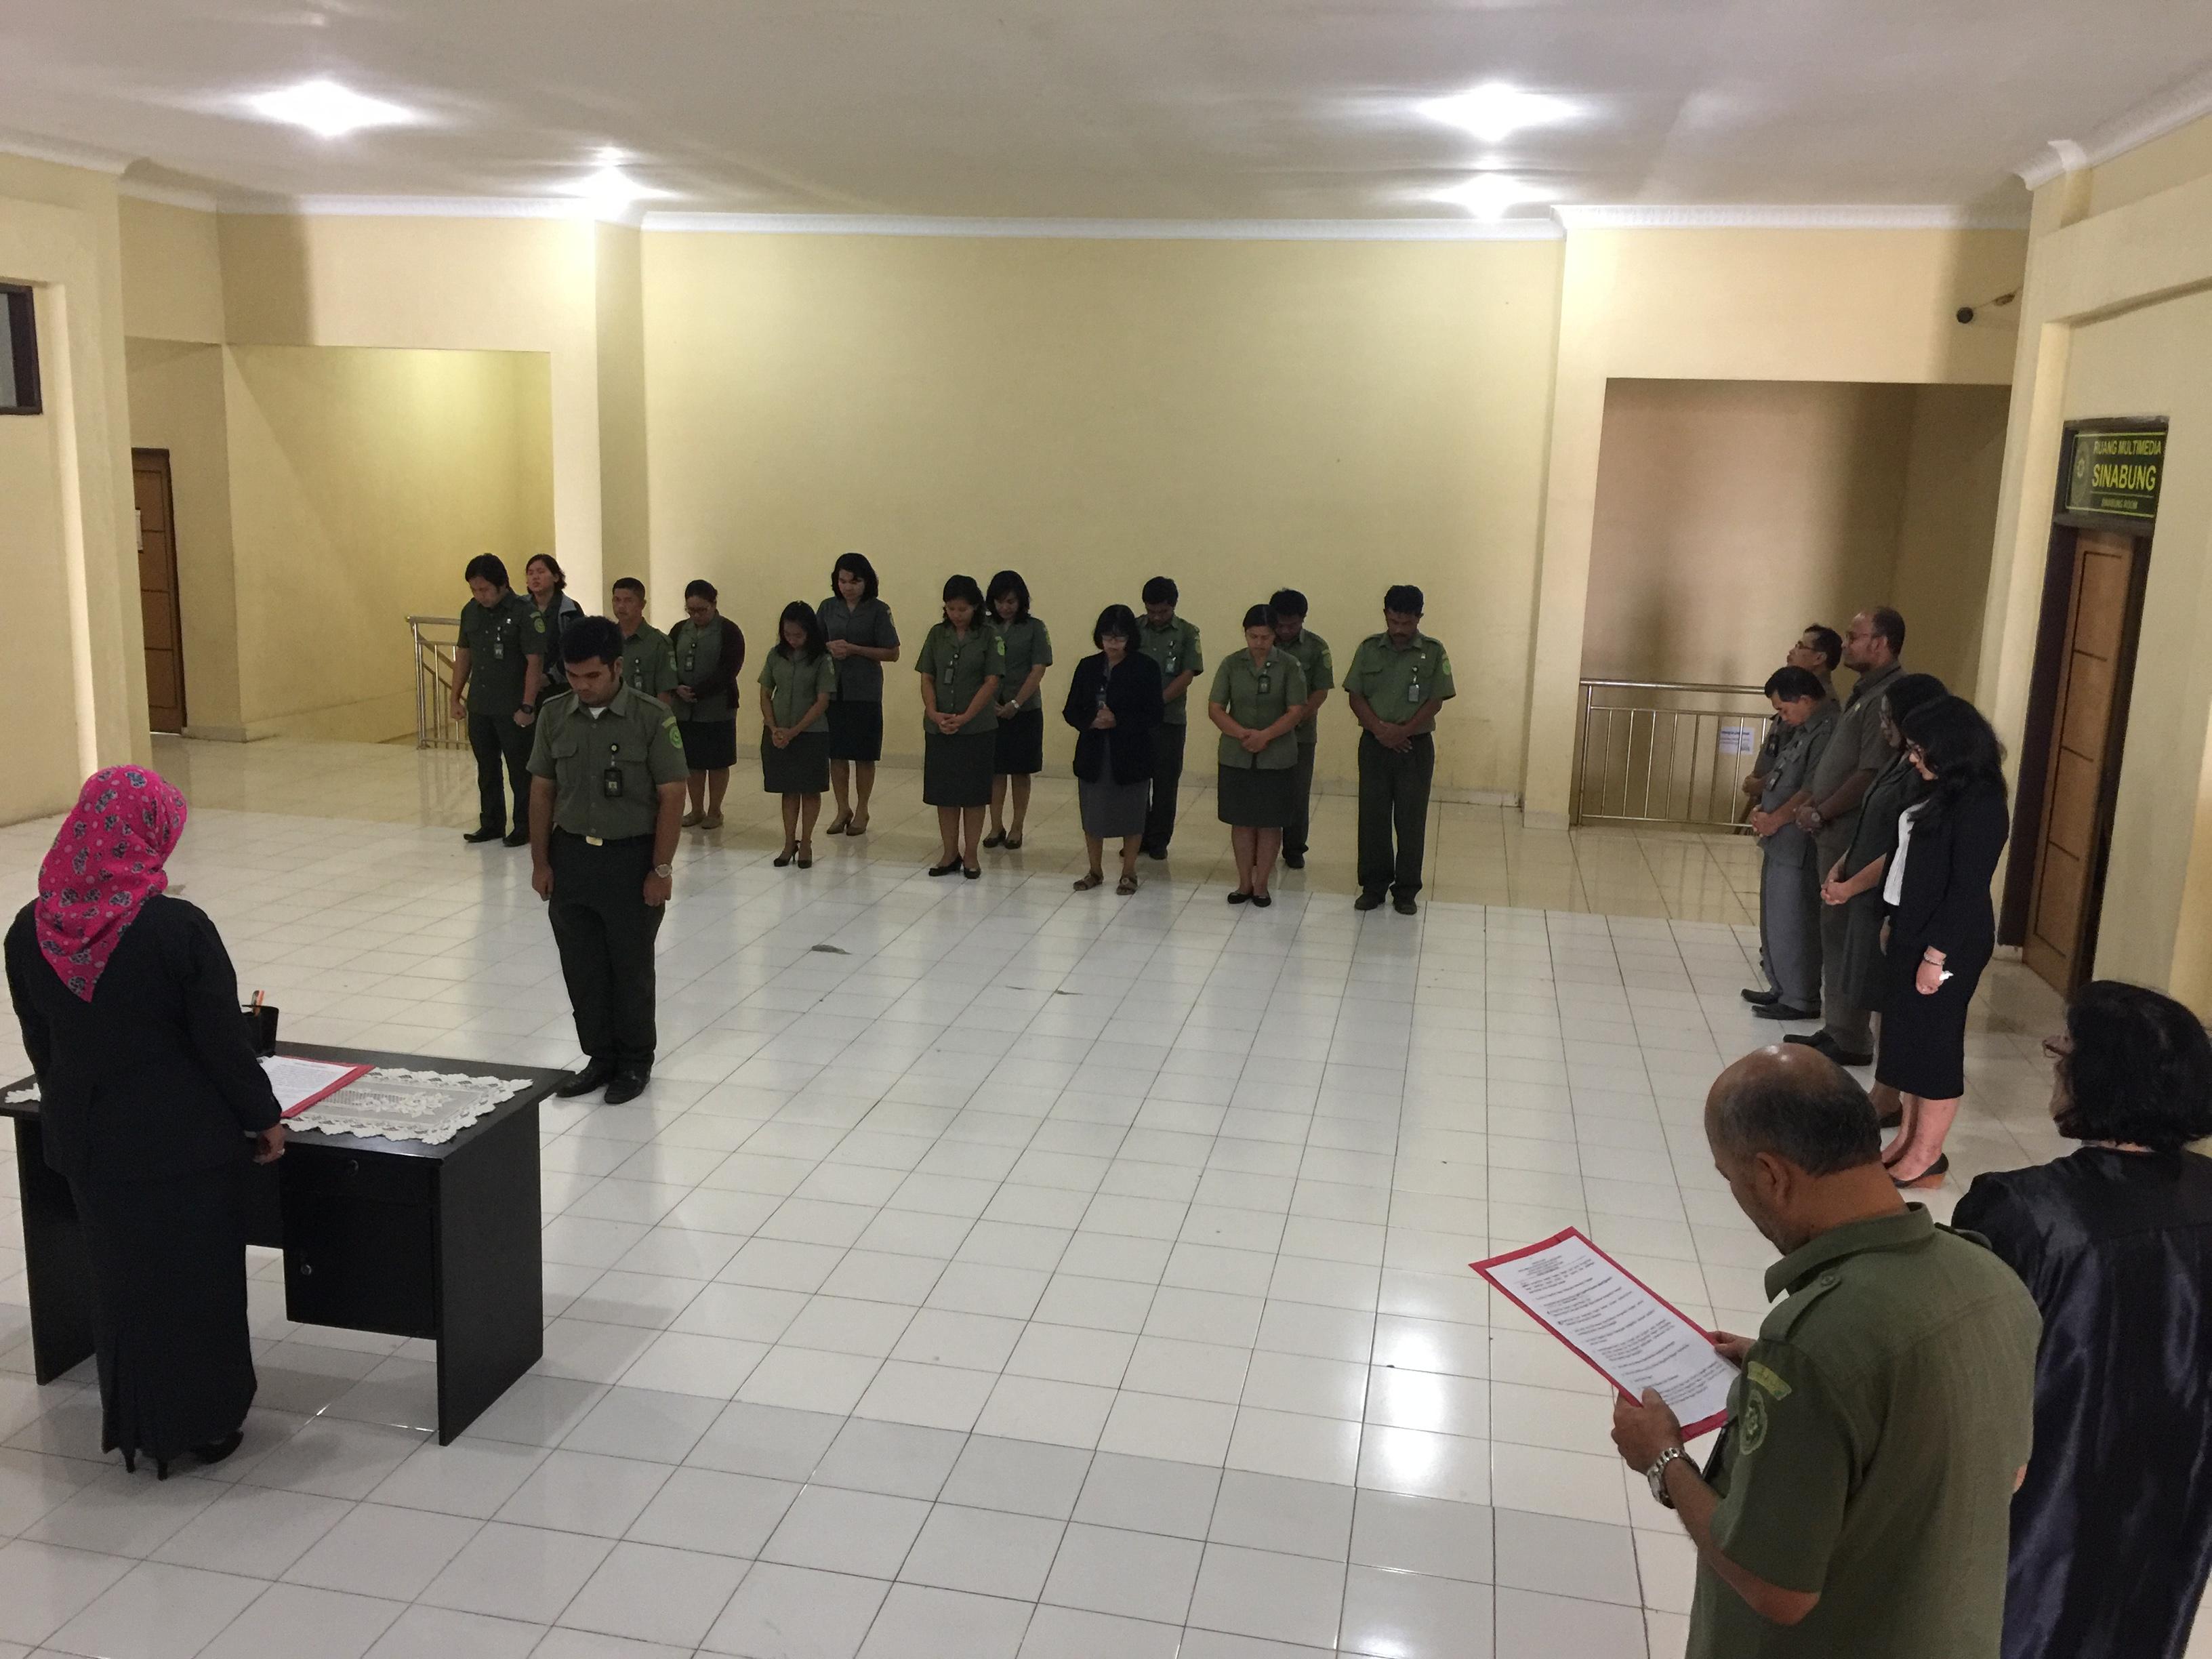 Pelantikan Sdr. Roy Samuel Fernandus,ST sebagai Pegawai Negeri Sipil Pengadilan Negeri Kabanjahe